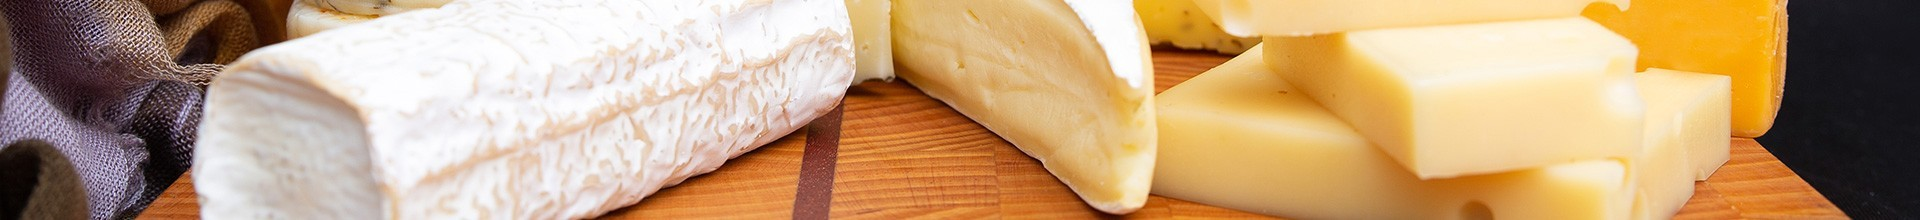 Fromage locaux Toulouse, vente  yaourt, œuf direct producteur, beurre